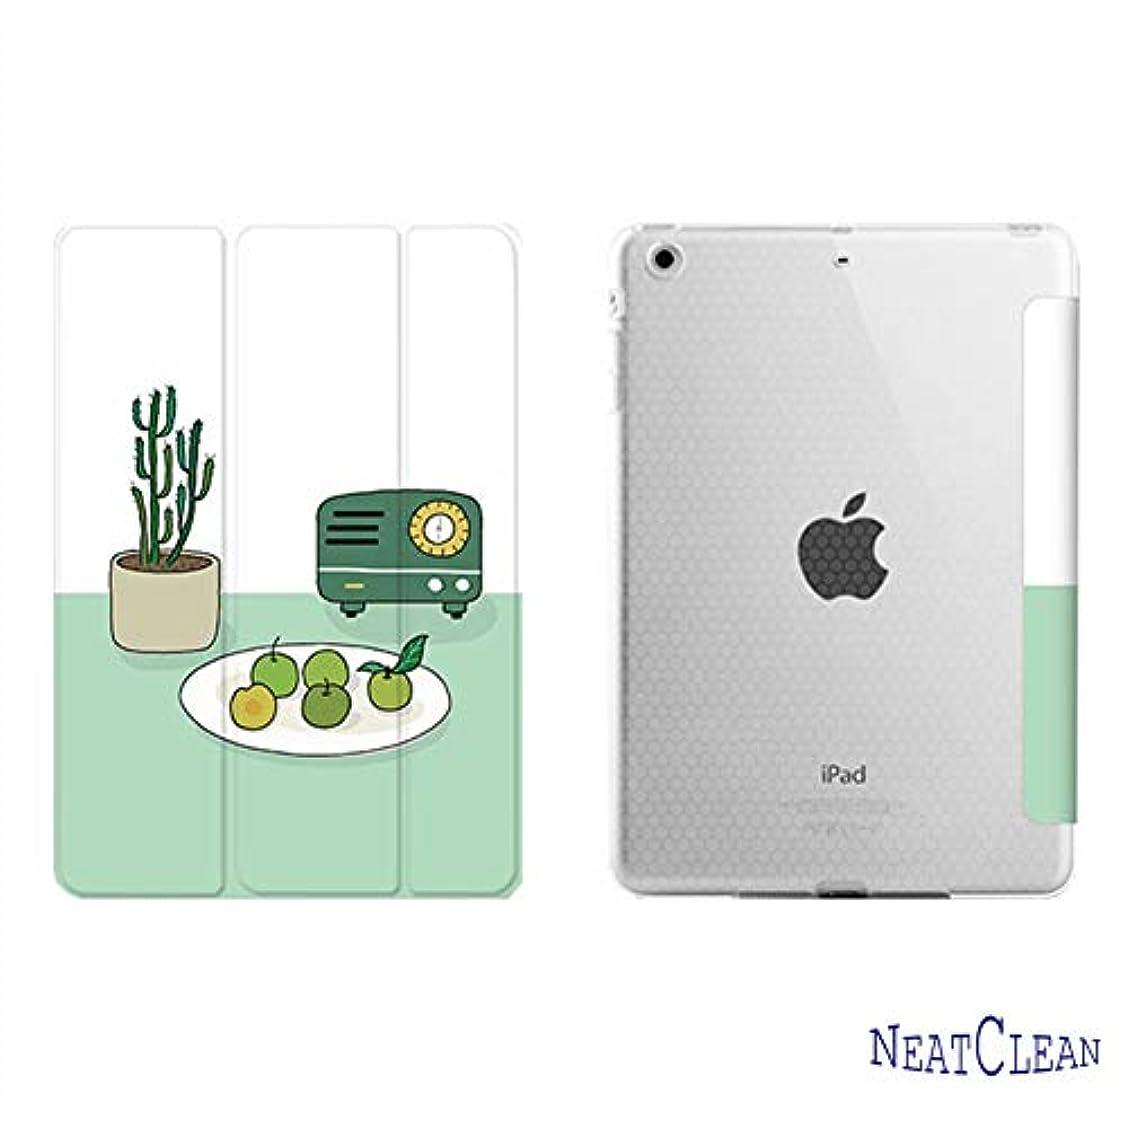 ケーブルカー満員サイドボードiPad9.7インチ2017/2018ケース iPad10.5インチケース Apple pencil収納付き iPad第6世代ケース iPad第五世代ケース iPadプロ11ケース iPadairケース iPadAir1ケース iPadAir2ケース iPadAir3ケース iPadmini123ケース iPadmini4ケース iPadmini5ケース iPadmini第四世代ケース iPadmini第五世代ケース 保護ケース タブレットケース アイパッドケース ソフトケース 衝撃吸収 軽量 薄型 傷防止 スタンド機能 オートスリープ機能 背面透明 三つ折り 二つ折り ペンホルダー付き フルーツ ボタニカル シンプル 可愛い 若者 グリーン系 りんご (iPad Pro 11, A)